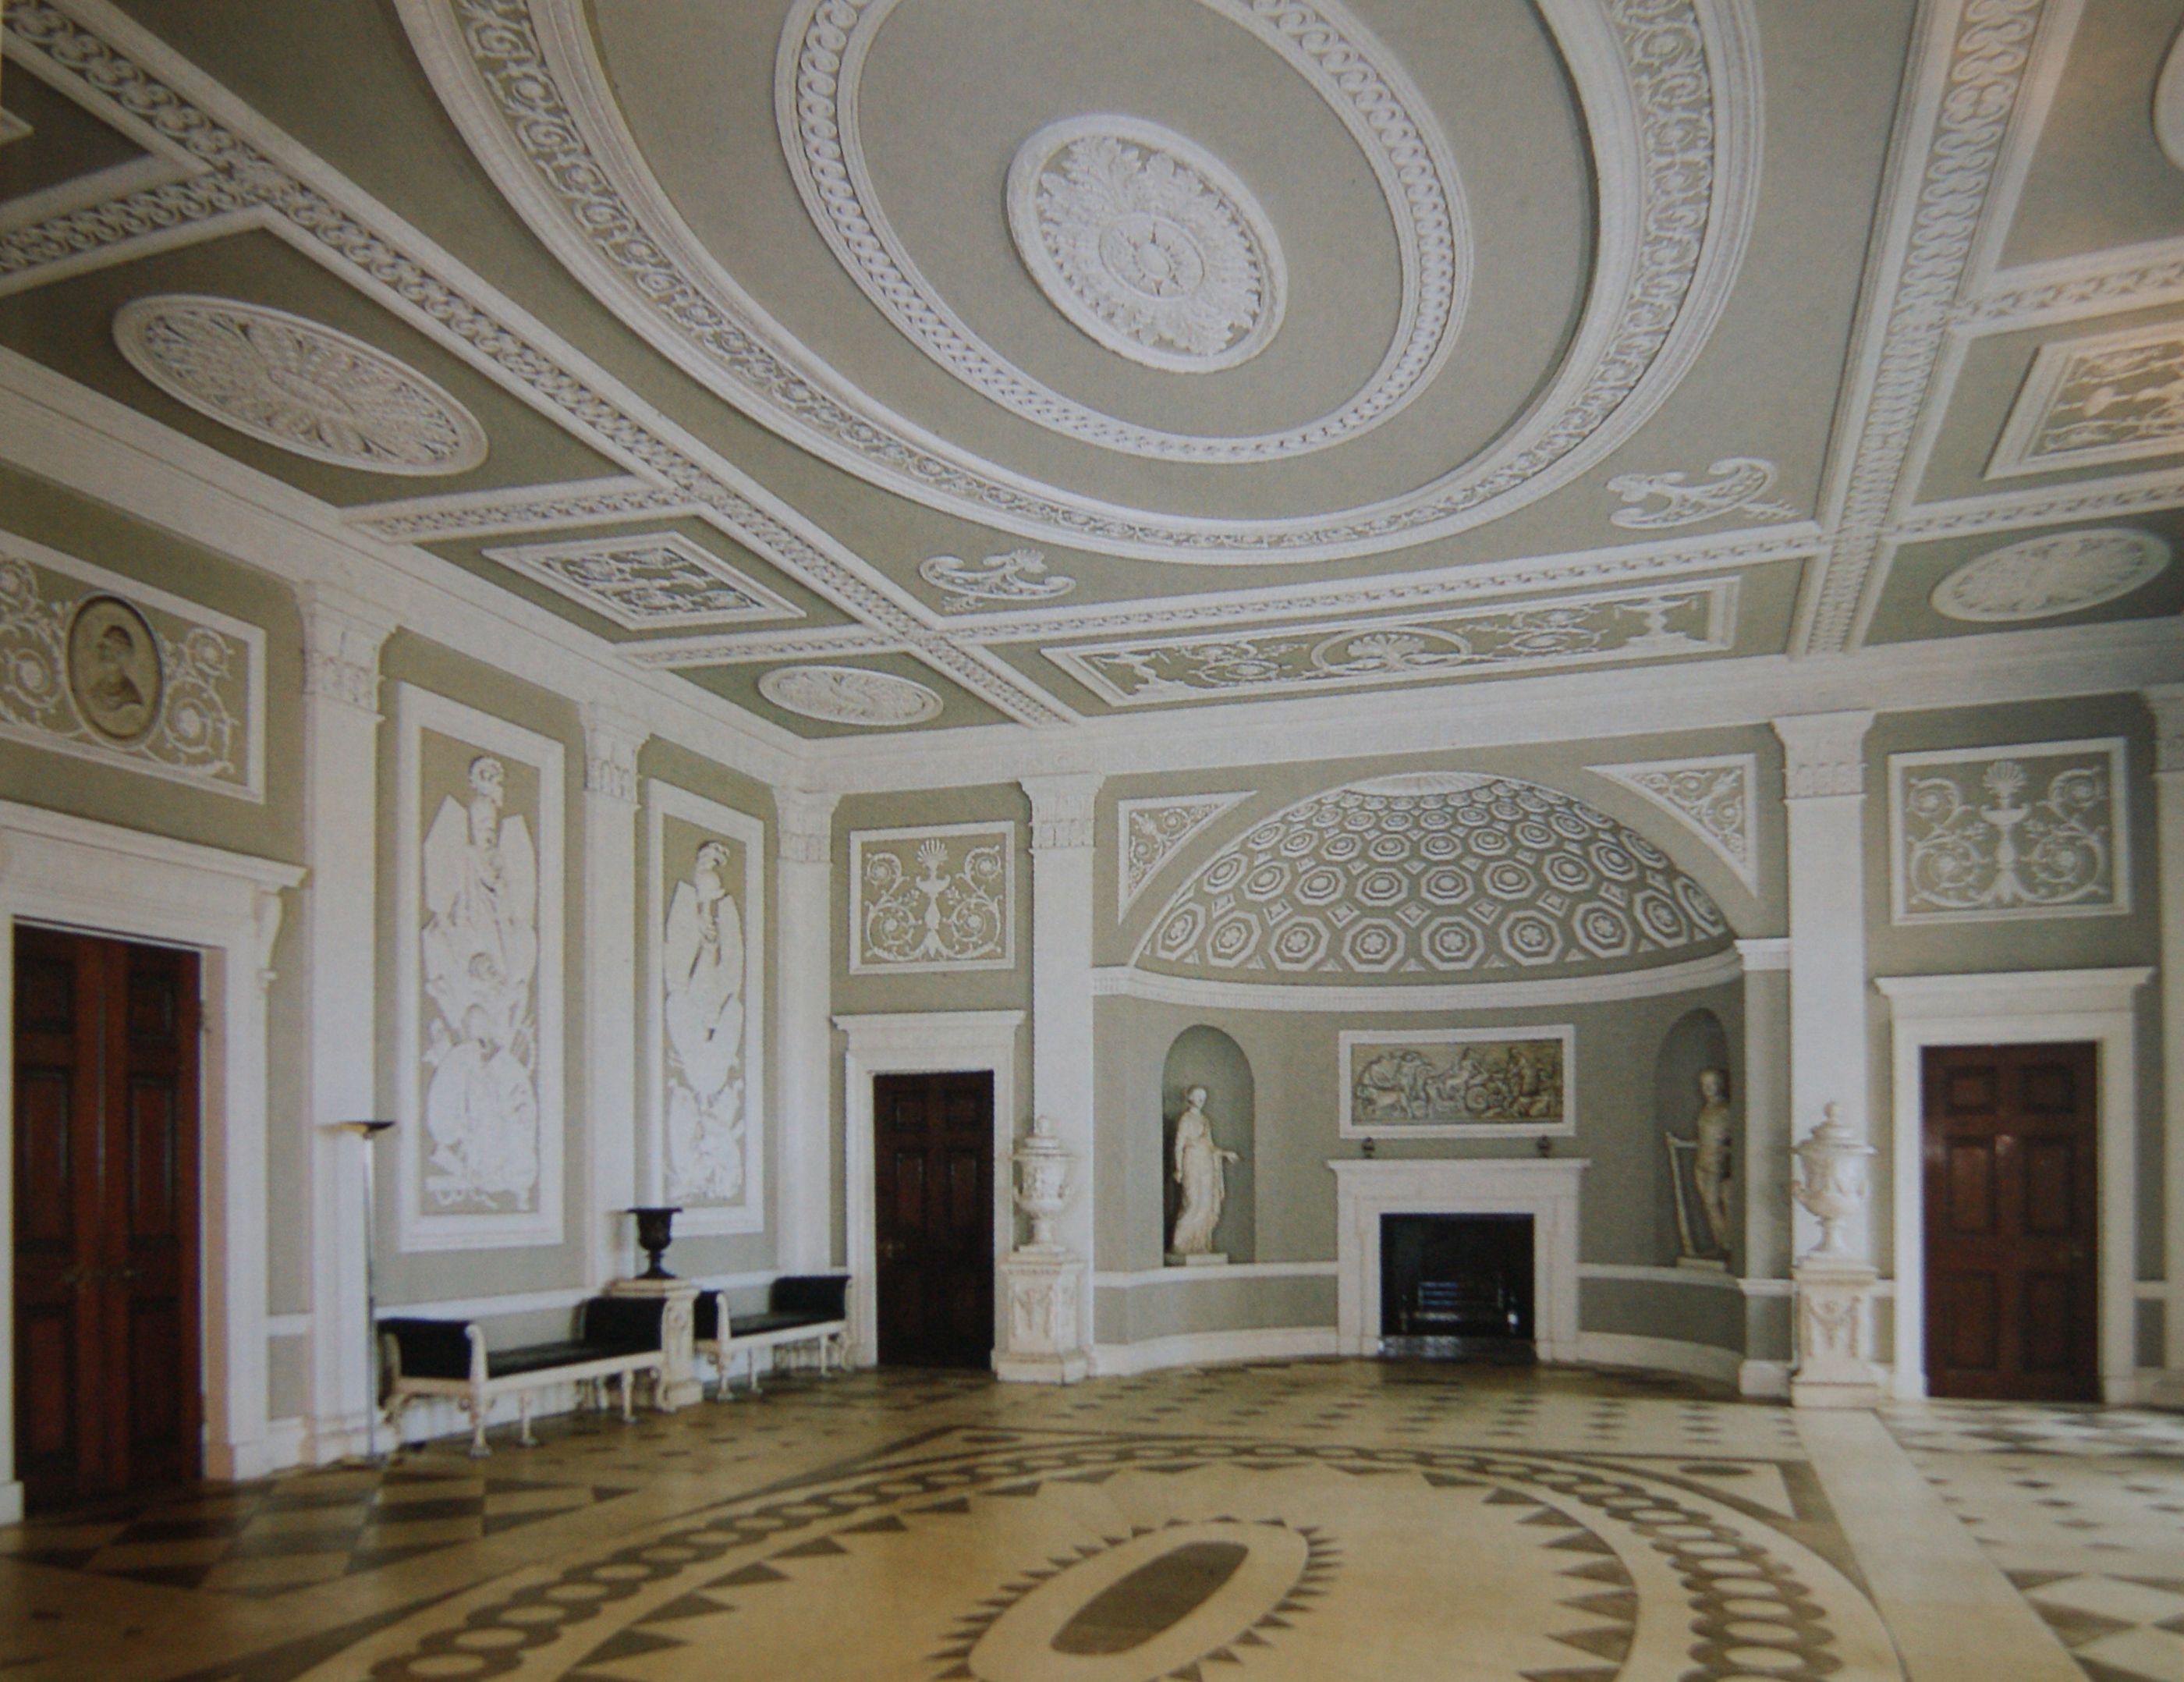 Neoclassicism architecture interior google search tn for Architect search